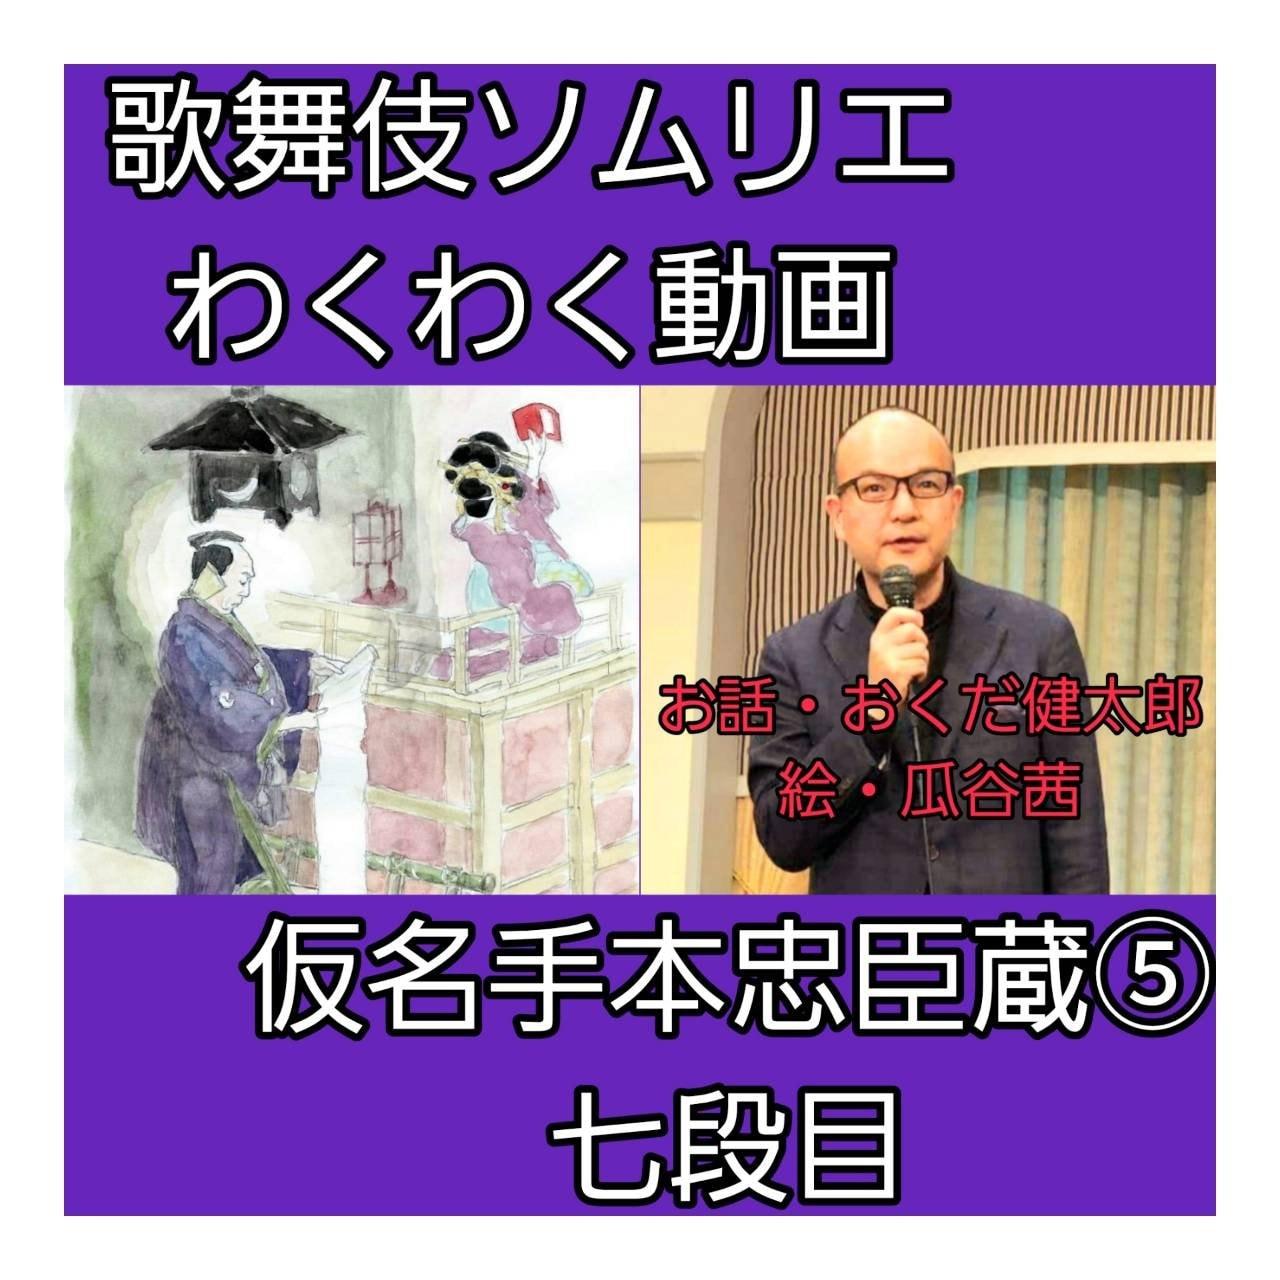 おくだ健太郎・歌舞伎ソムリエが、わかりやすく楽しく、歌舞伎の名作を解説トーク!歌舞伎ソムリエわくわく動画「仮名手本忠臣蔵⑤七段目」〜かなでほんちゅうしんぐら⑤しちだんめ〜約130分の動画です。のイメージその1